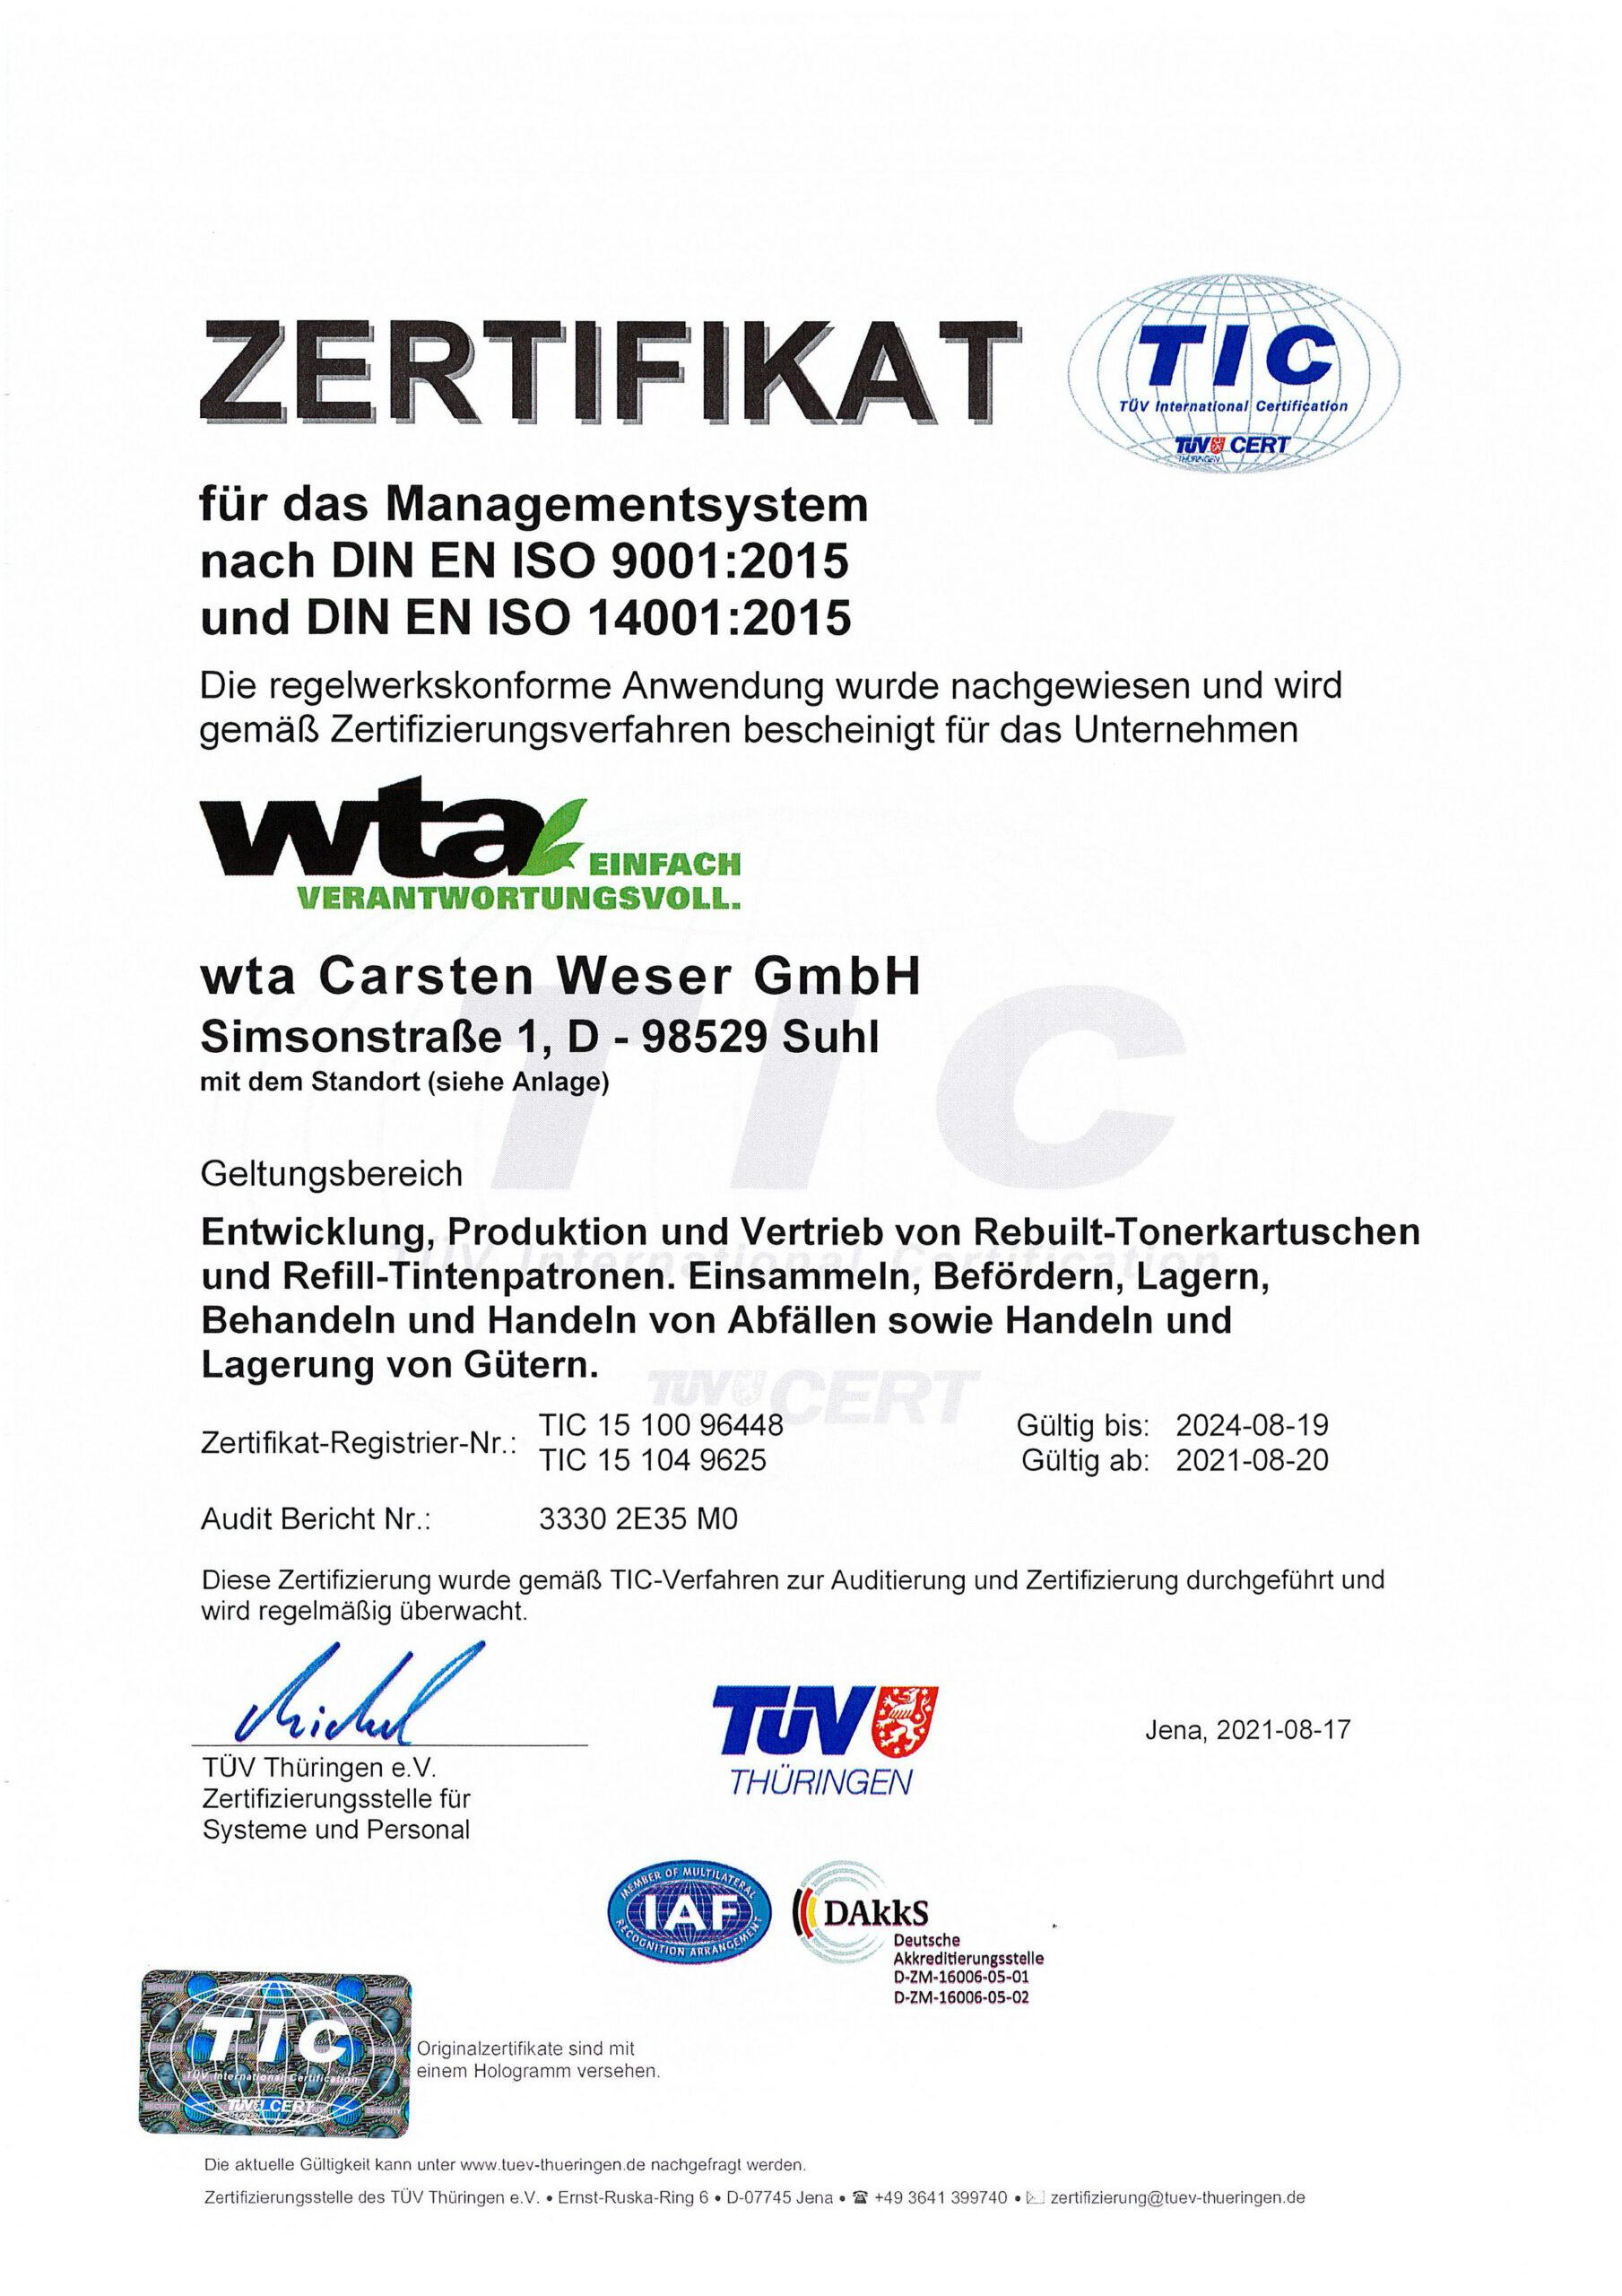 Zertifikat der wta Suhl für ein Managementsystem nach DIN EN ISO 9001:2008 und 14001:2009